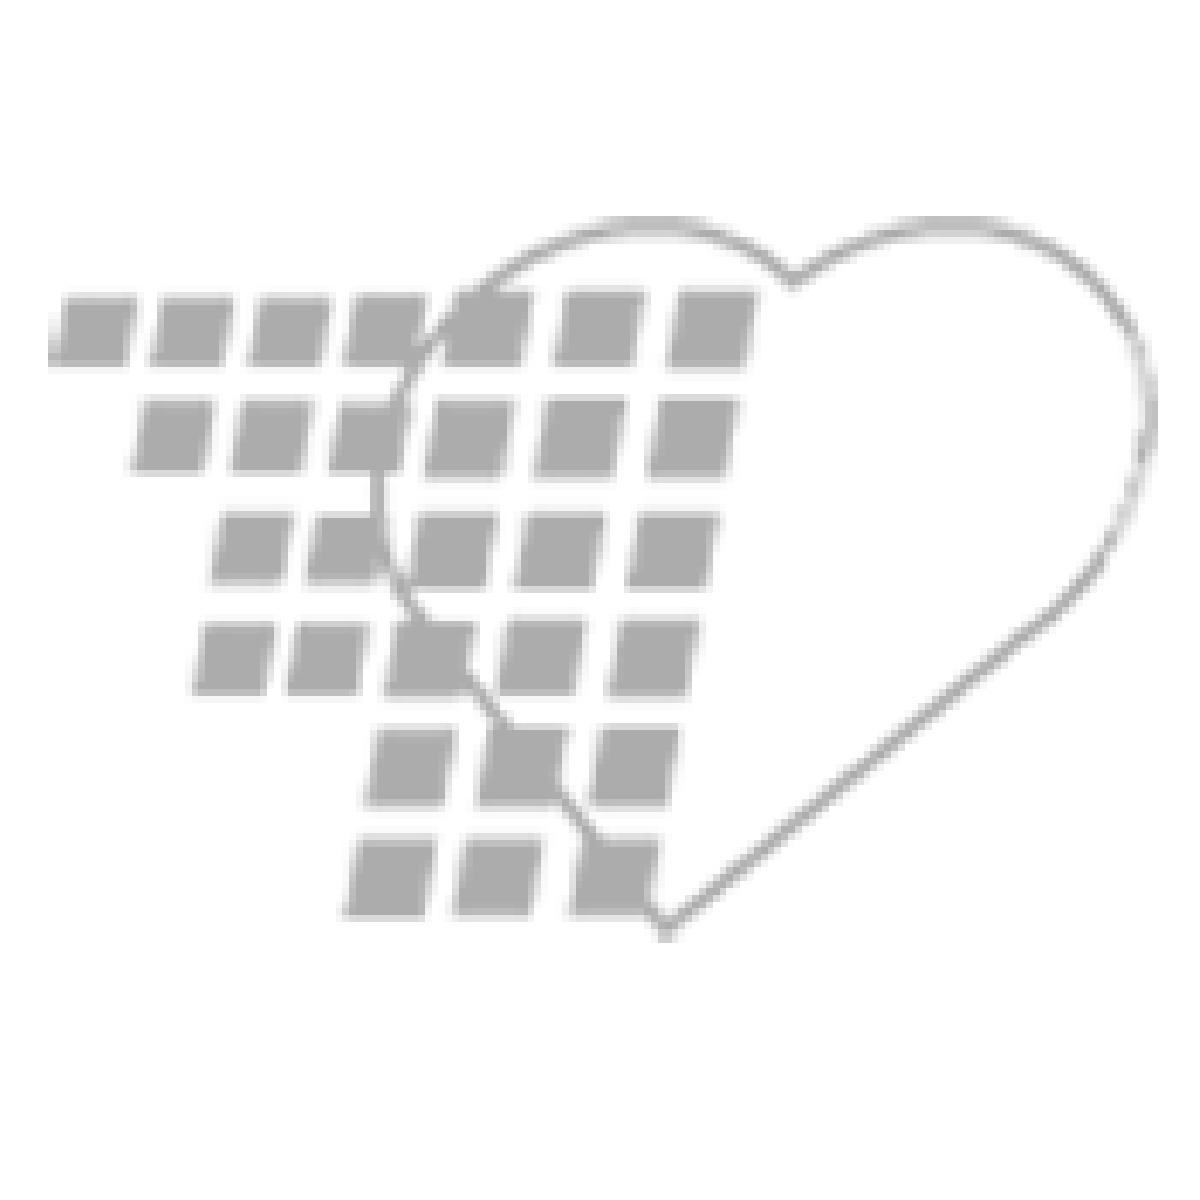 06-93-1354 - Demo Dose® Apap (Acetaminophn) 160mg/5mL Pint